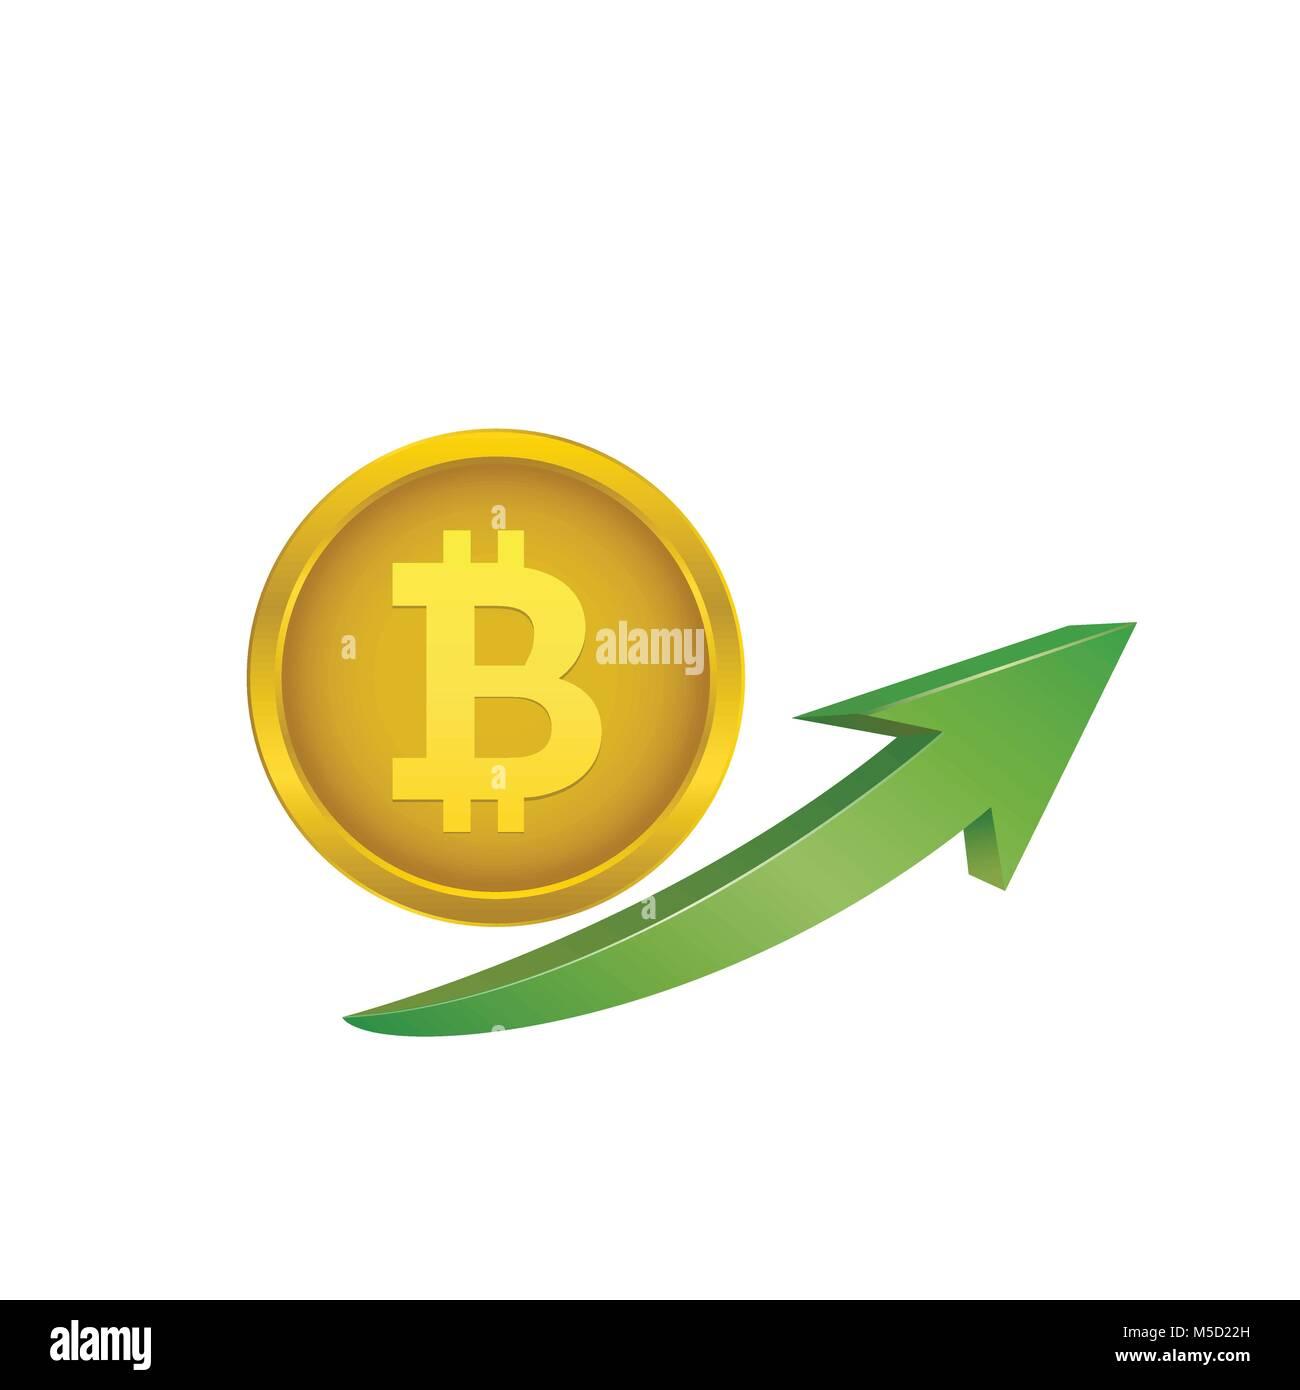 Bitcoin symbol stock photos bitcoin symbol stock images alamy bitcoin symbol with green arrow stock image buycottarizona